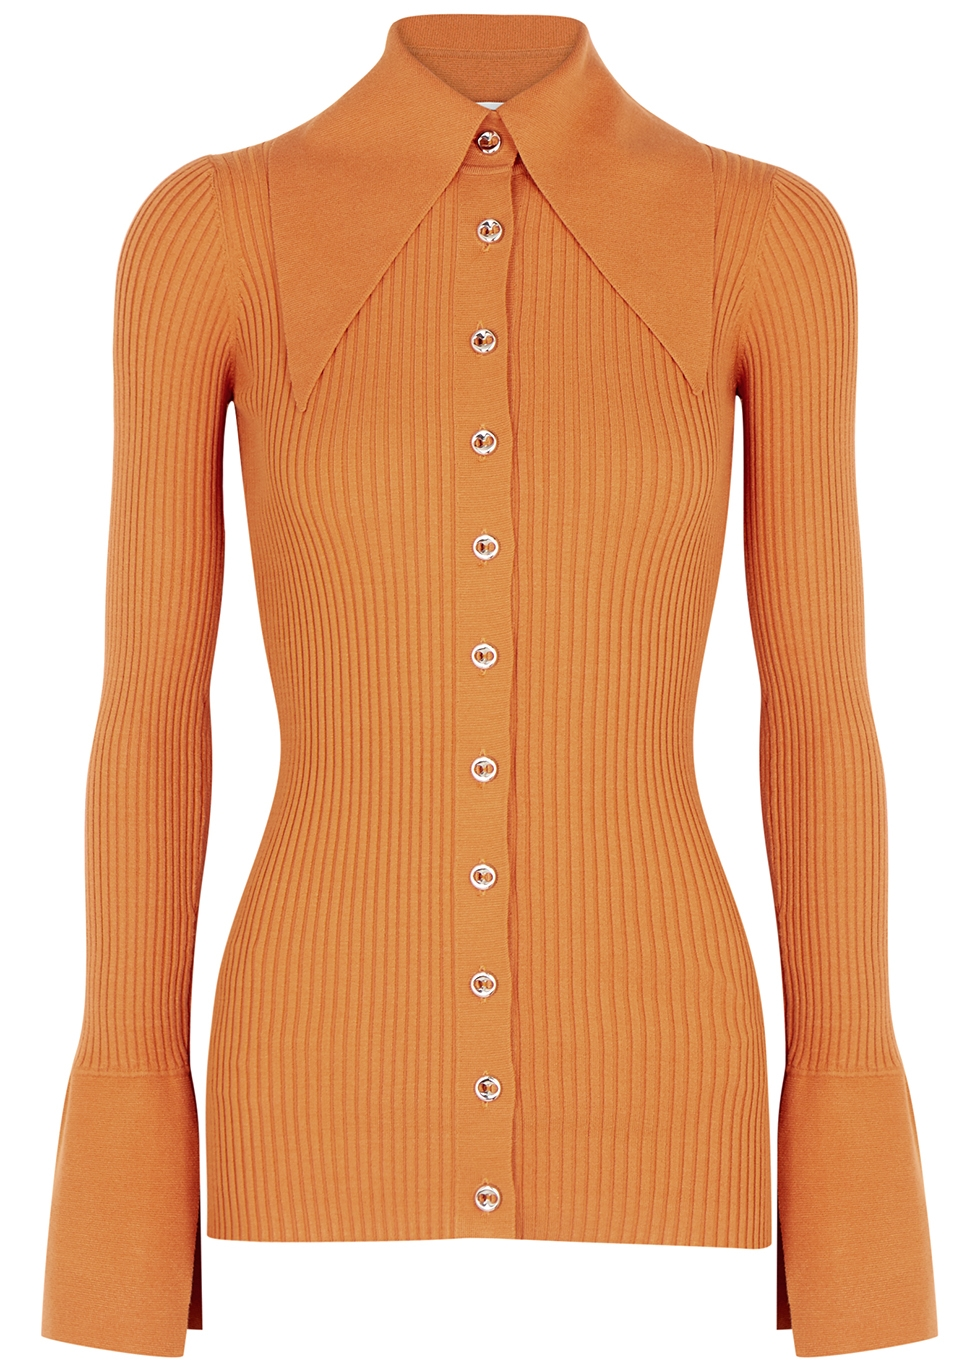 Liyu orange ribbed-knit cardigan